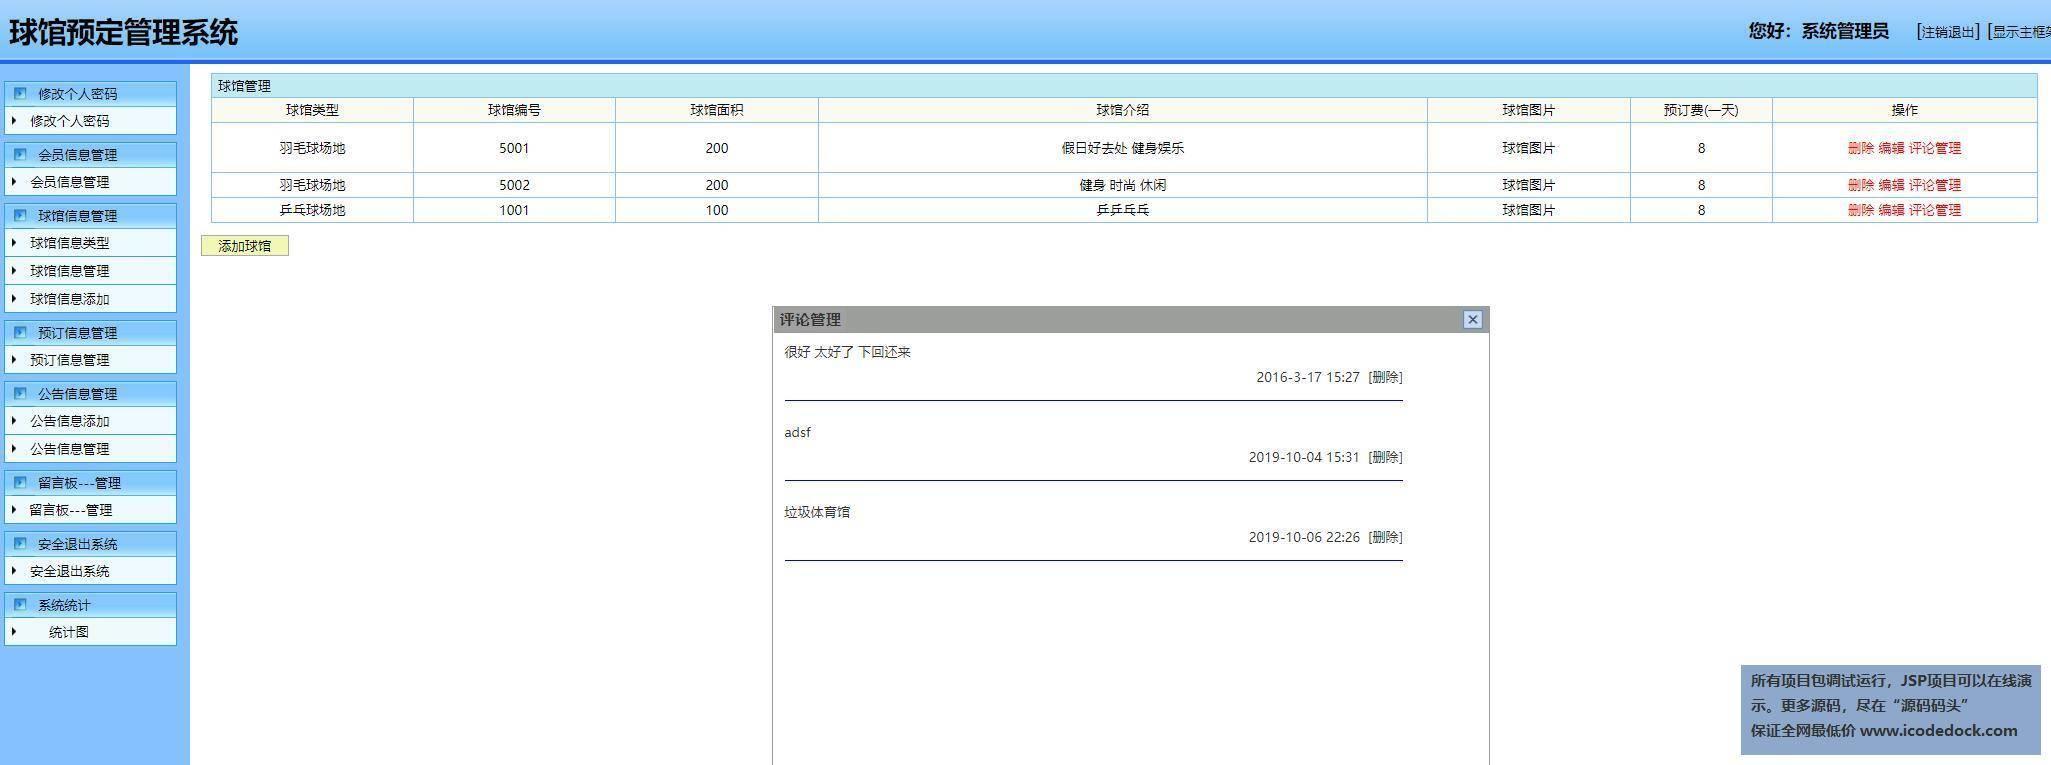 源码码头-SSH高校球场体育场预定管理系统-管理员角色-评论管理